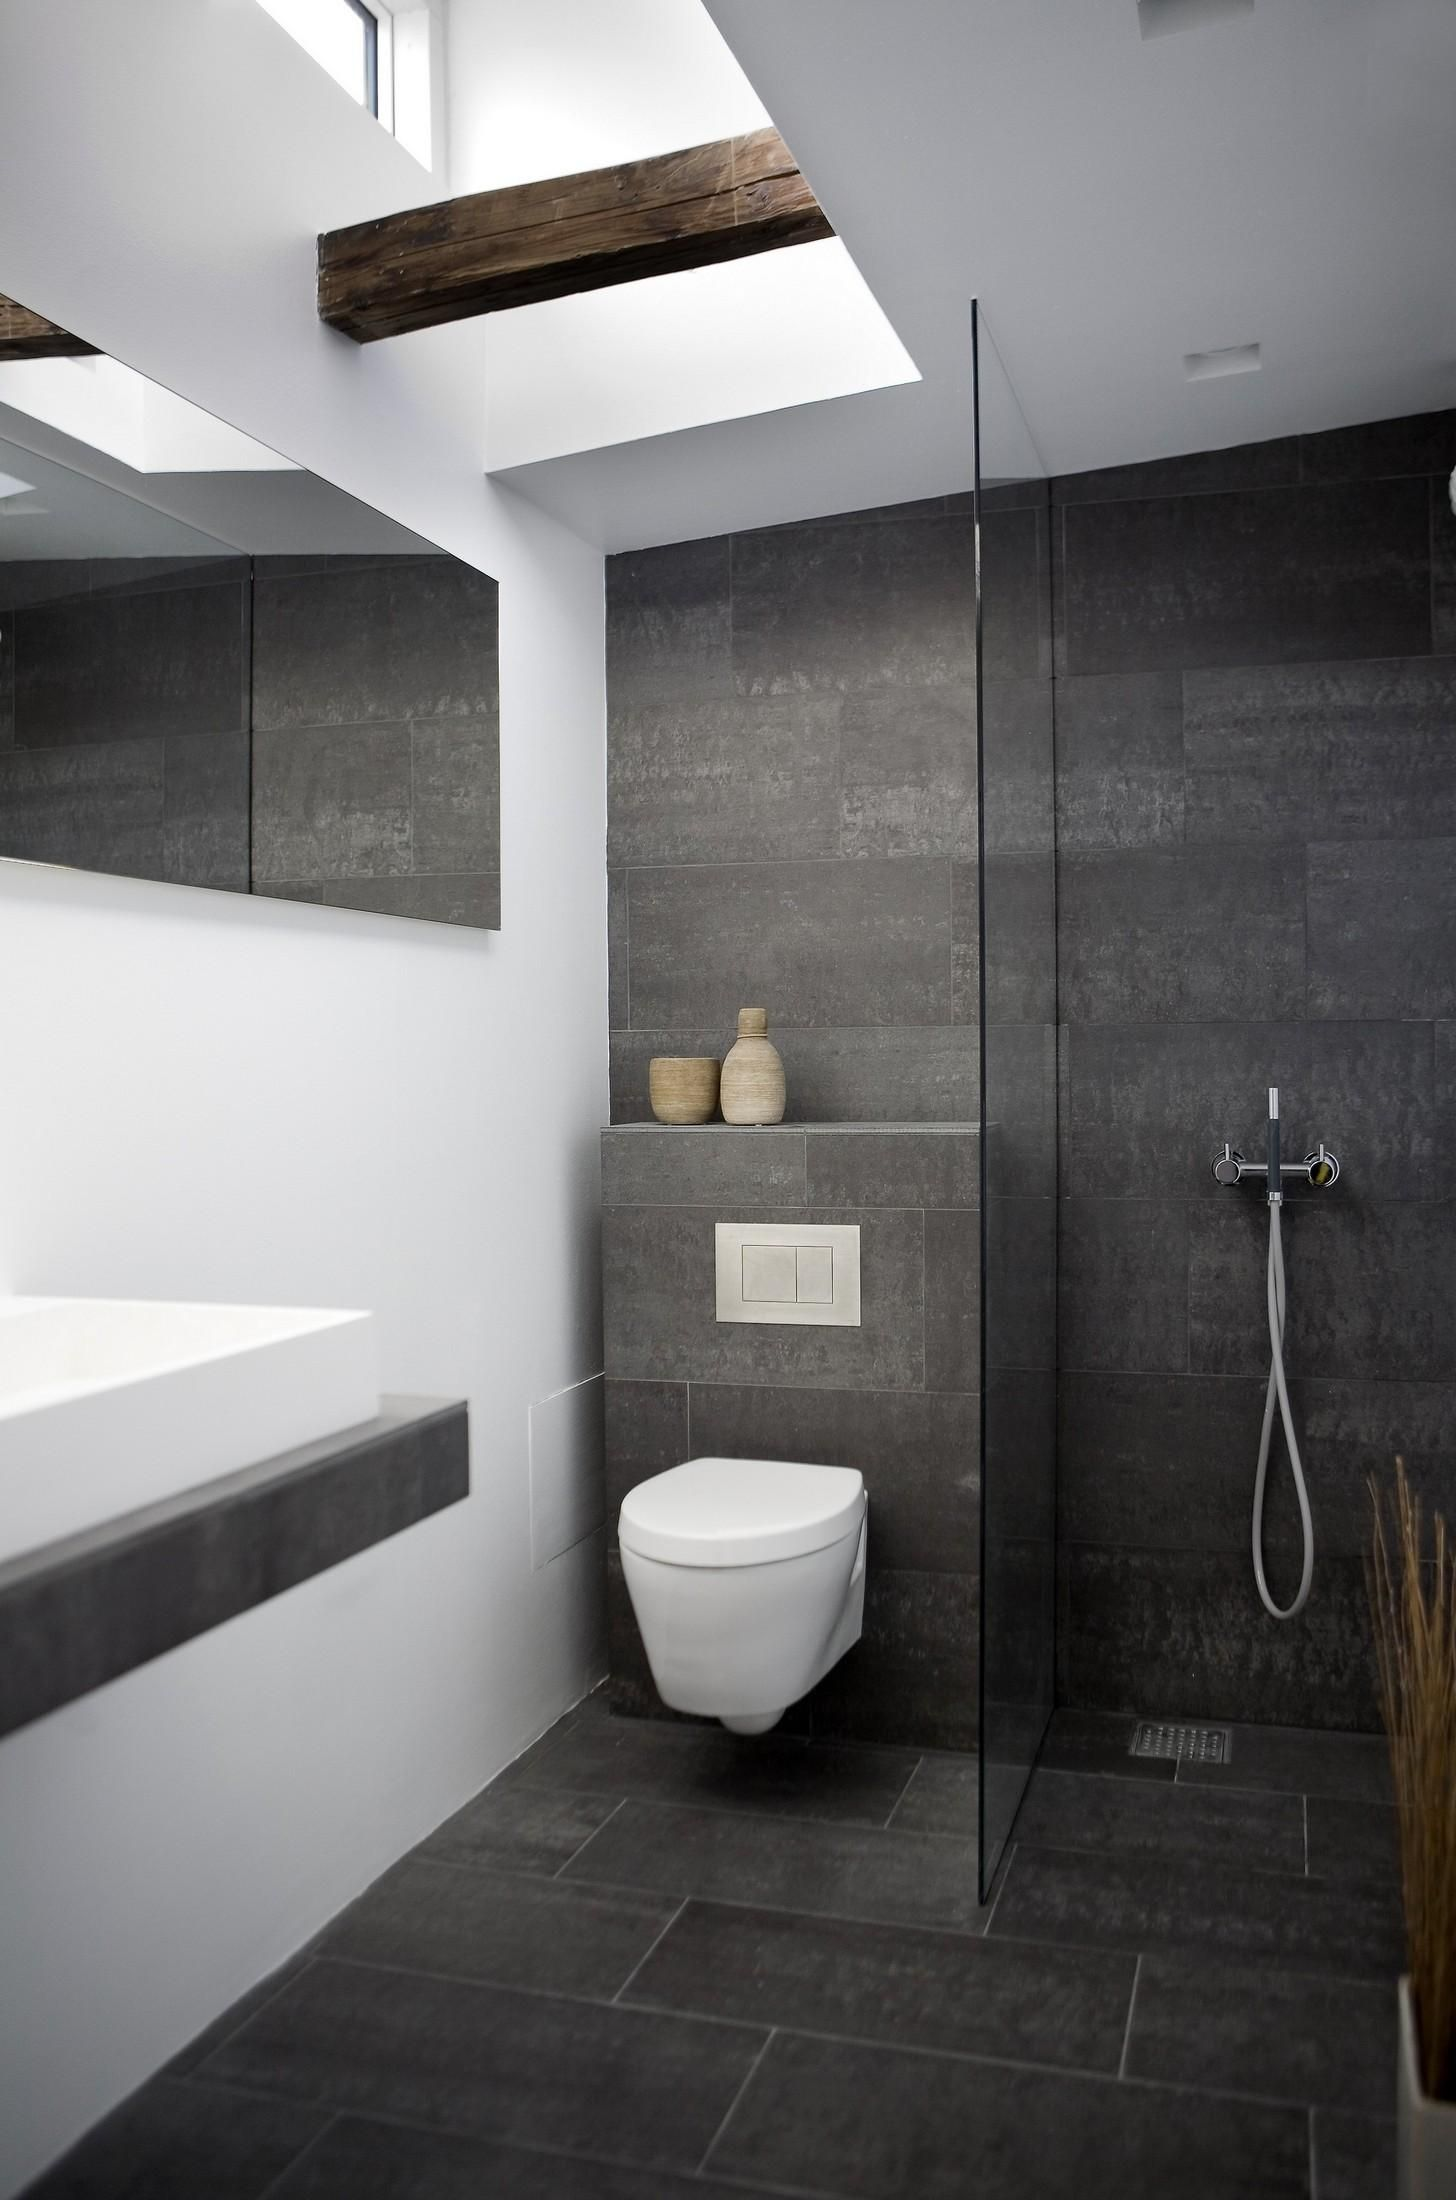 Die Wahl Ein Duschbad Für Ihr Neues Badezimmer